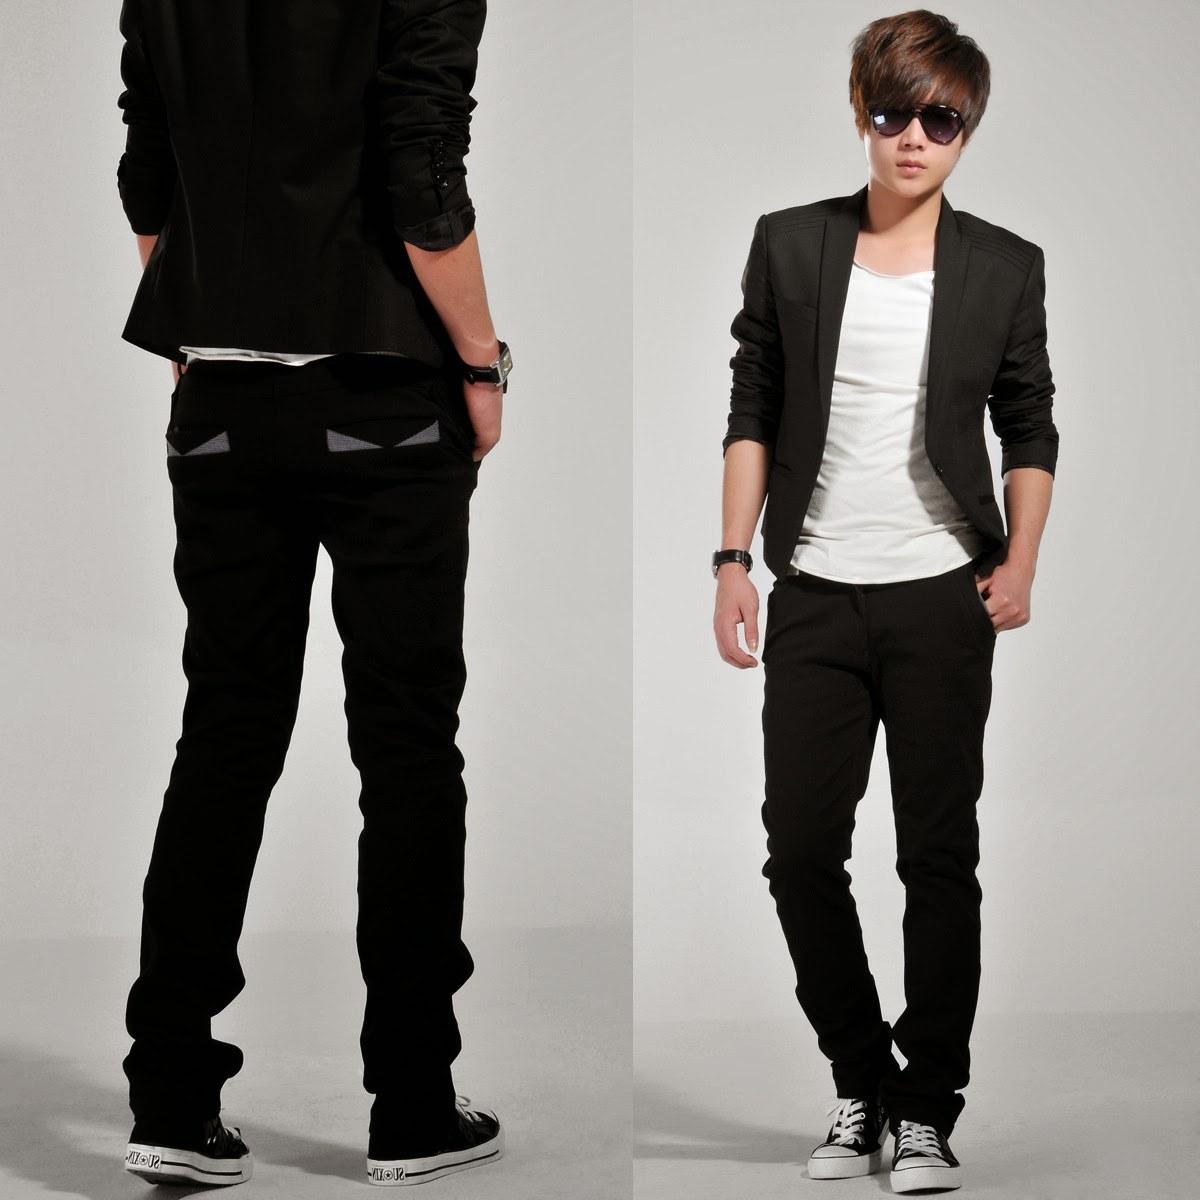 Ide Baju Lebaran Pria Terbaru Drdp 5 Model Baju Santai Korea Pria Terbaru